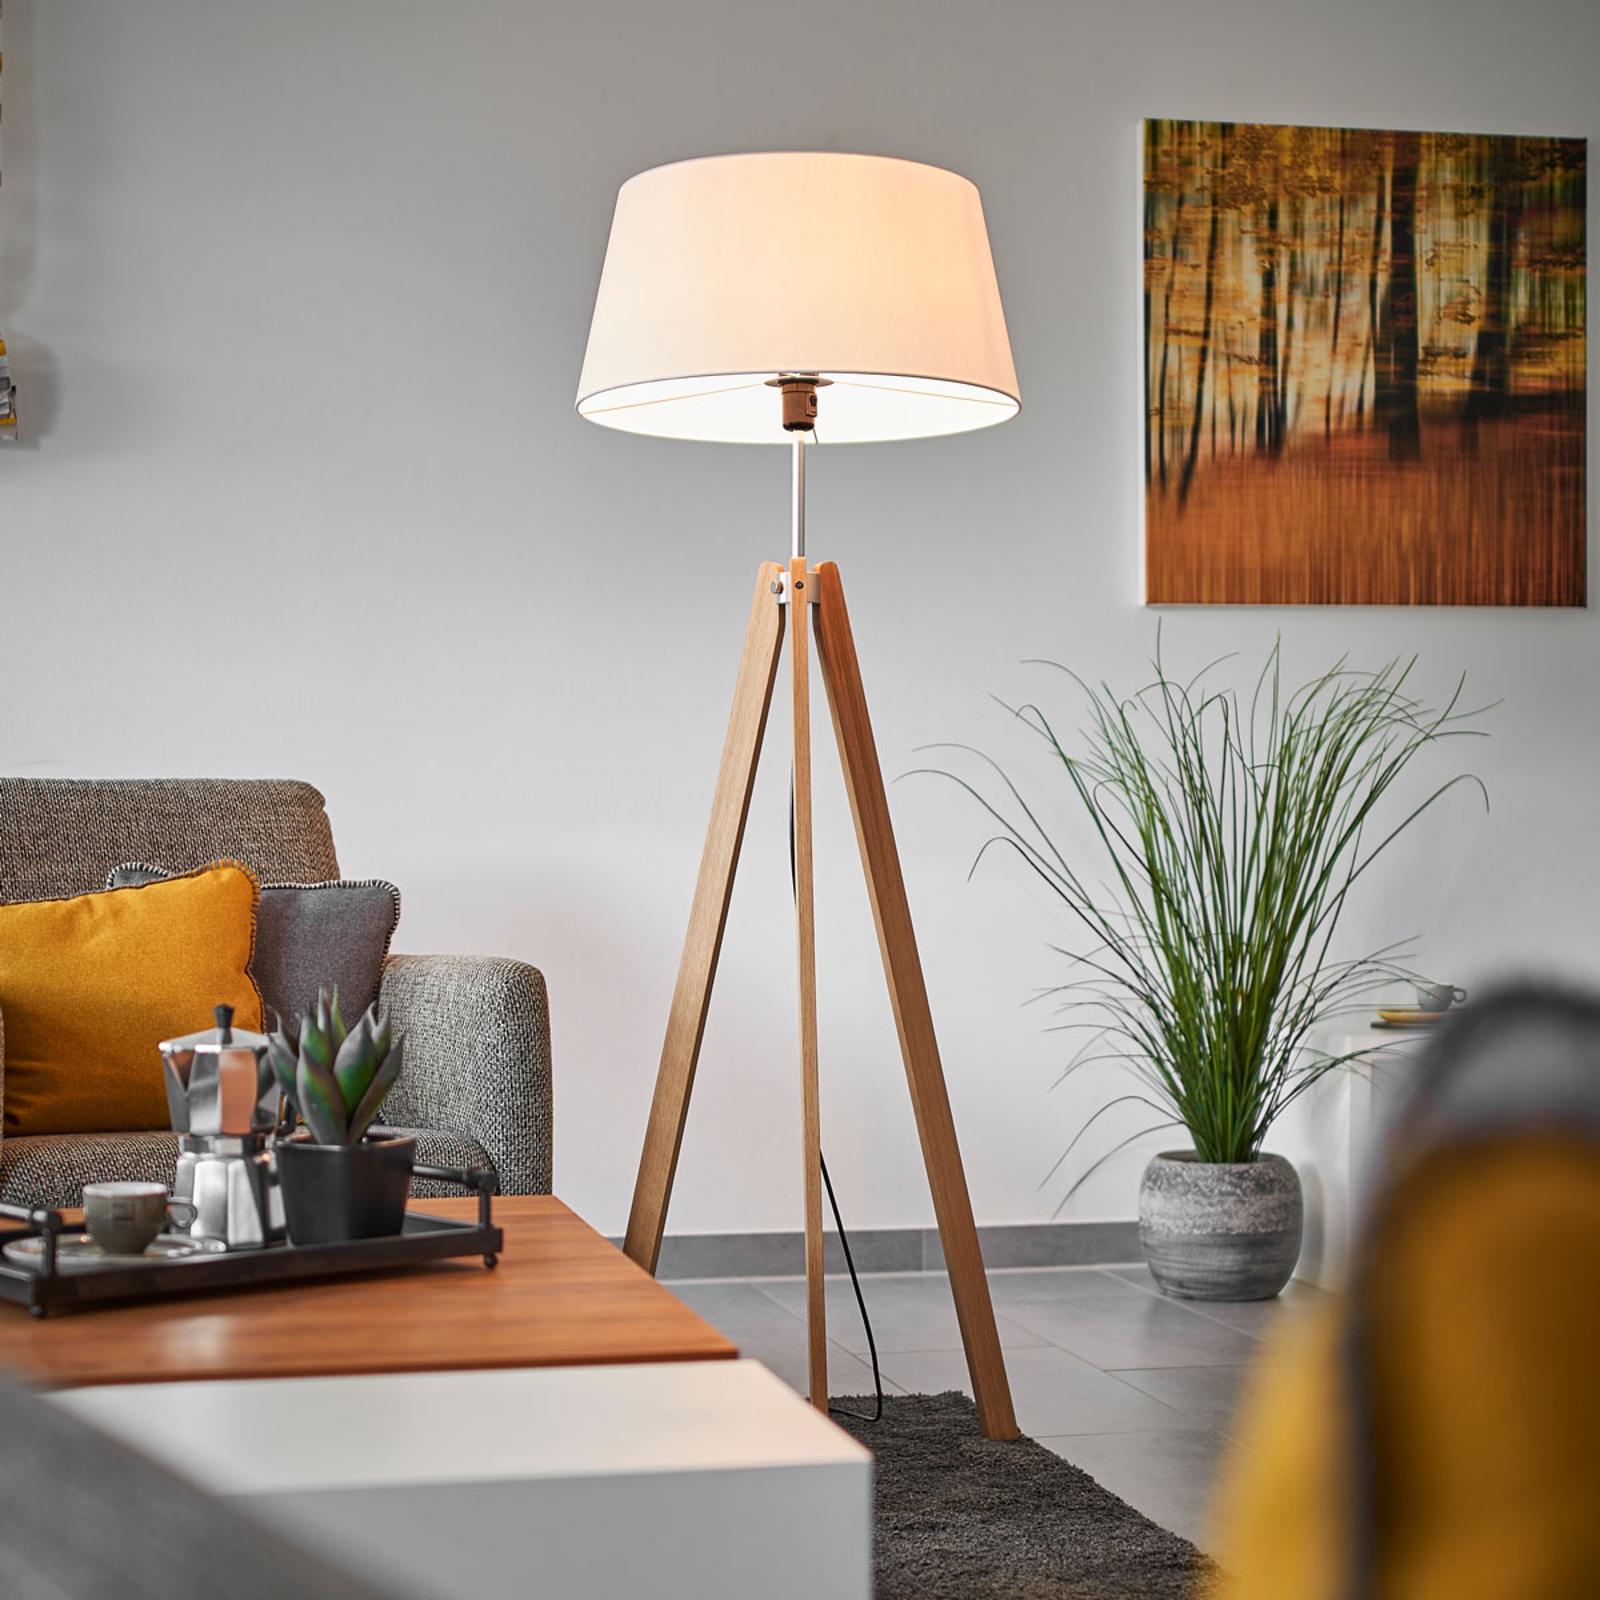 Textiel vloerlamp Thea met massief eiken frame